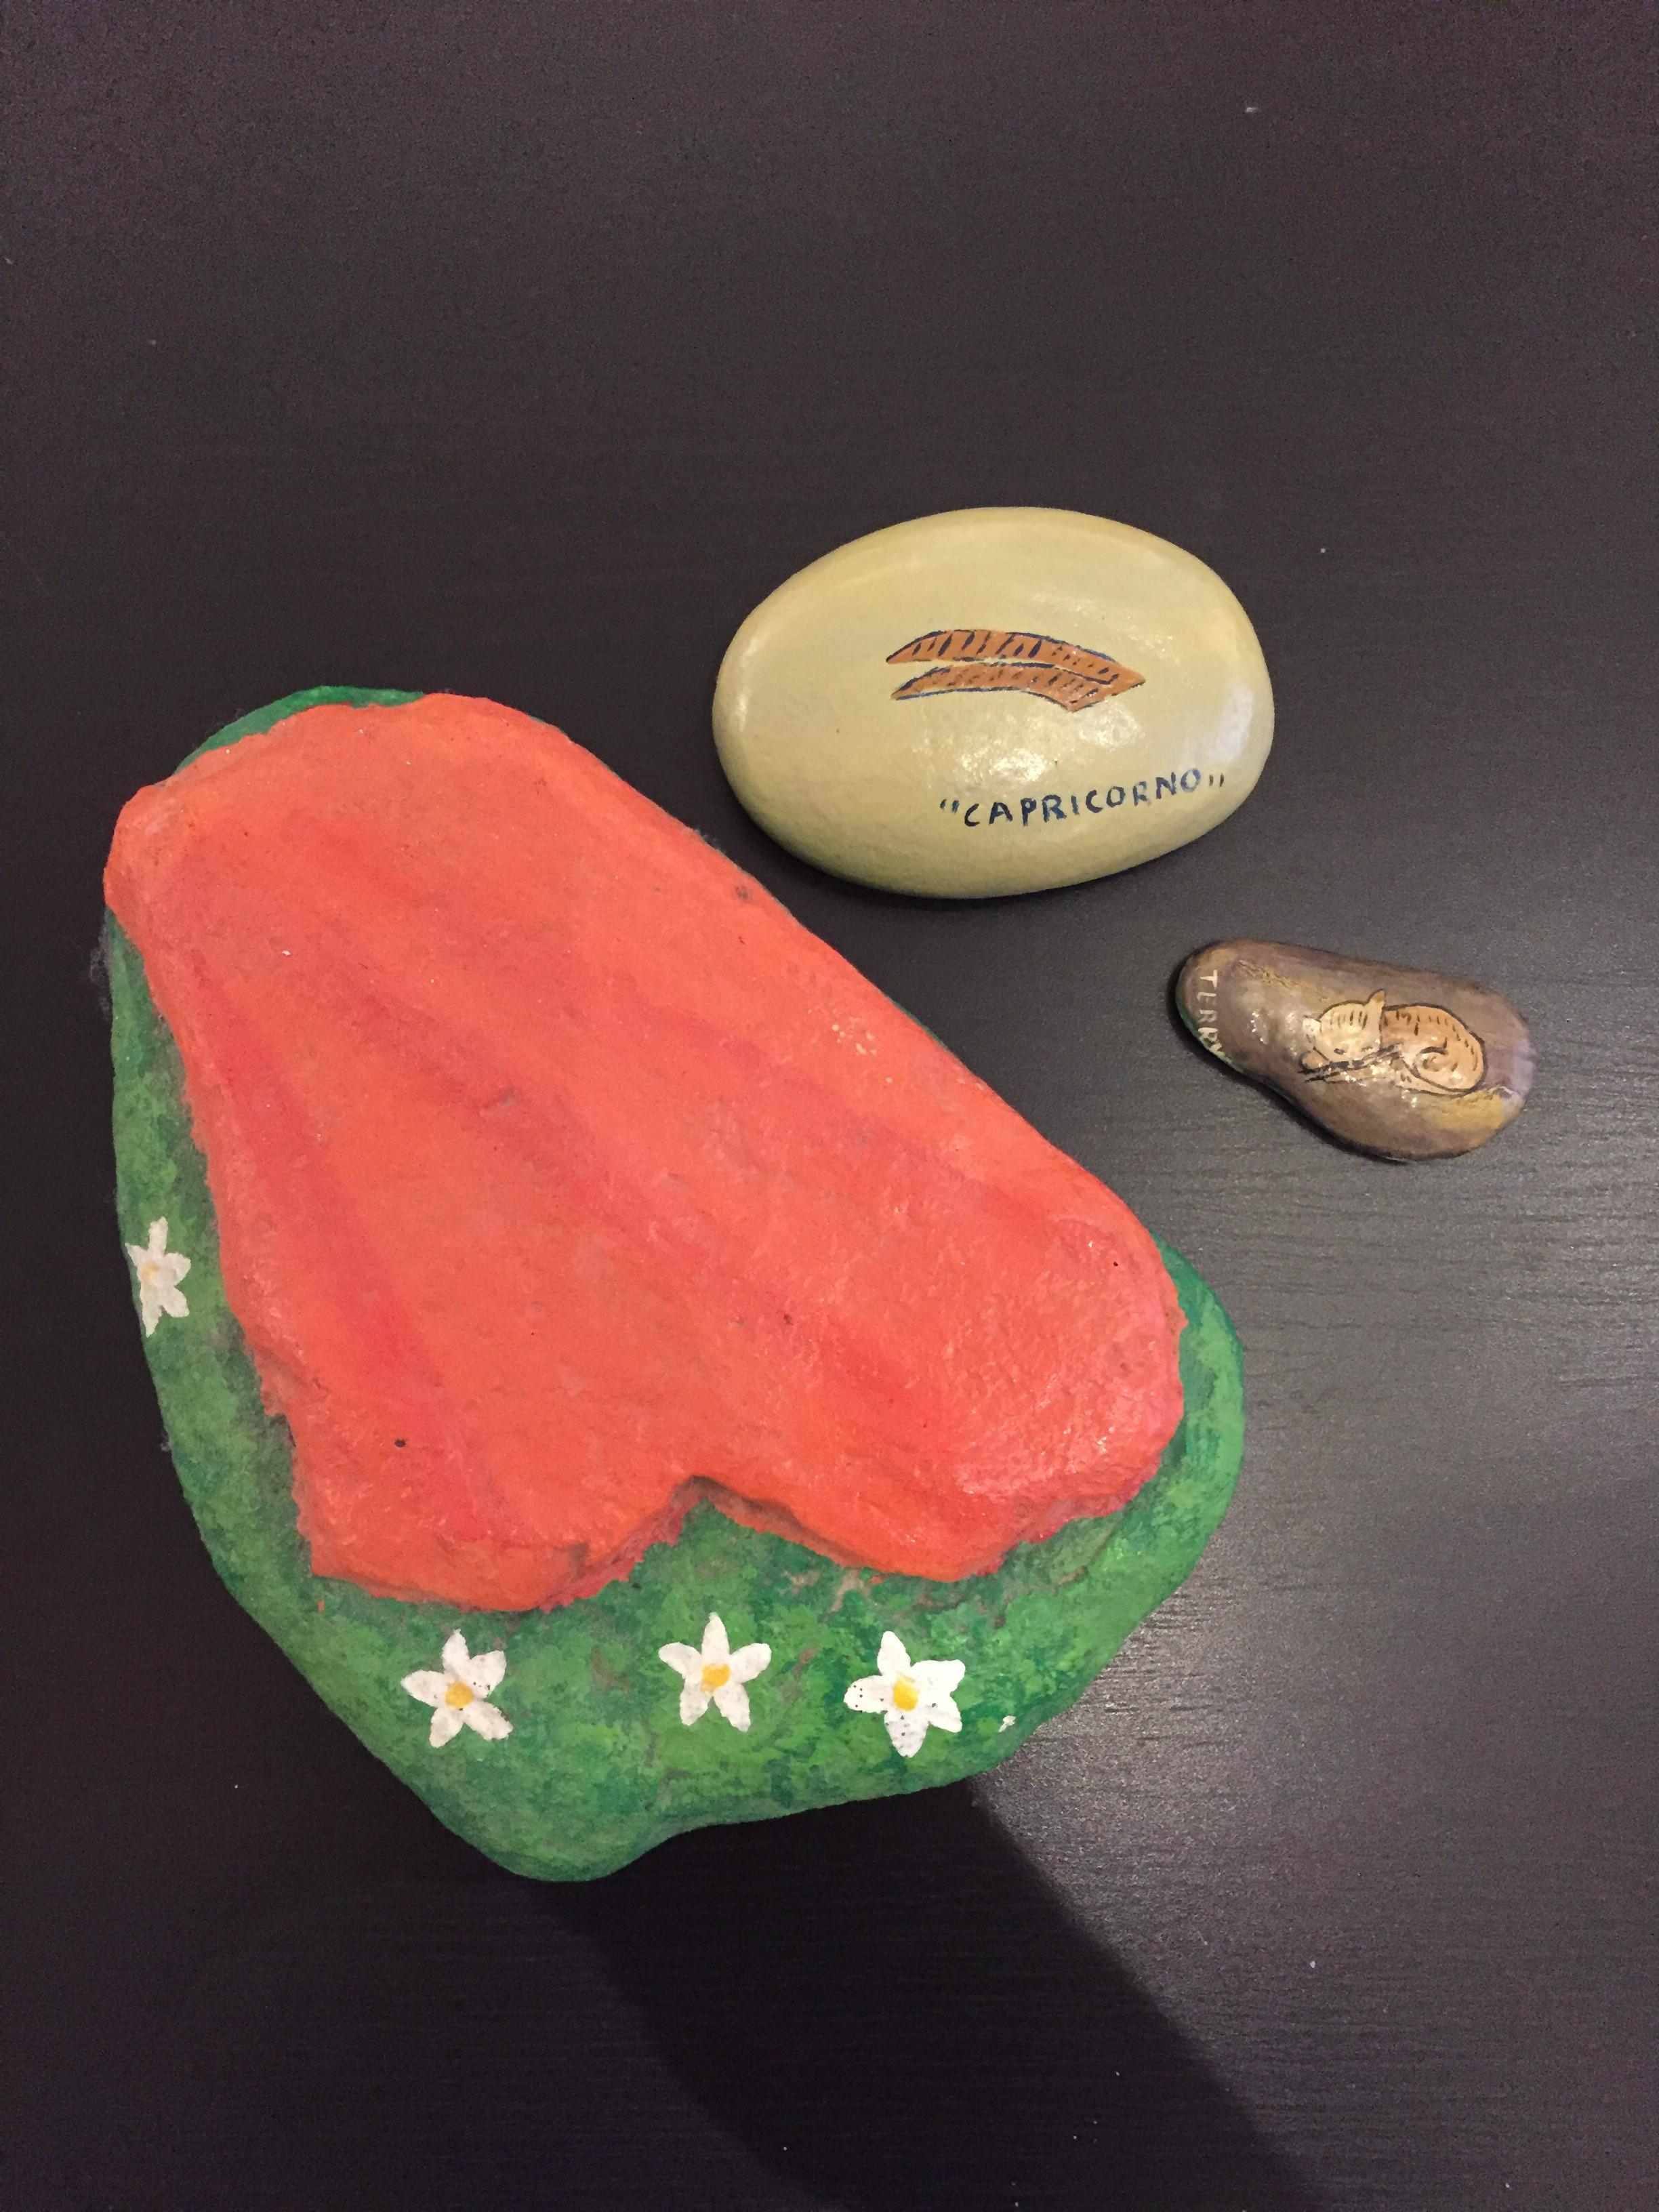 Dipingere Sassi Per Natale i sassi dipinti, un must da sempre!!! - bloggerart